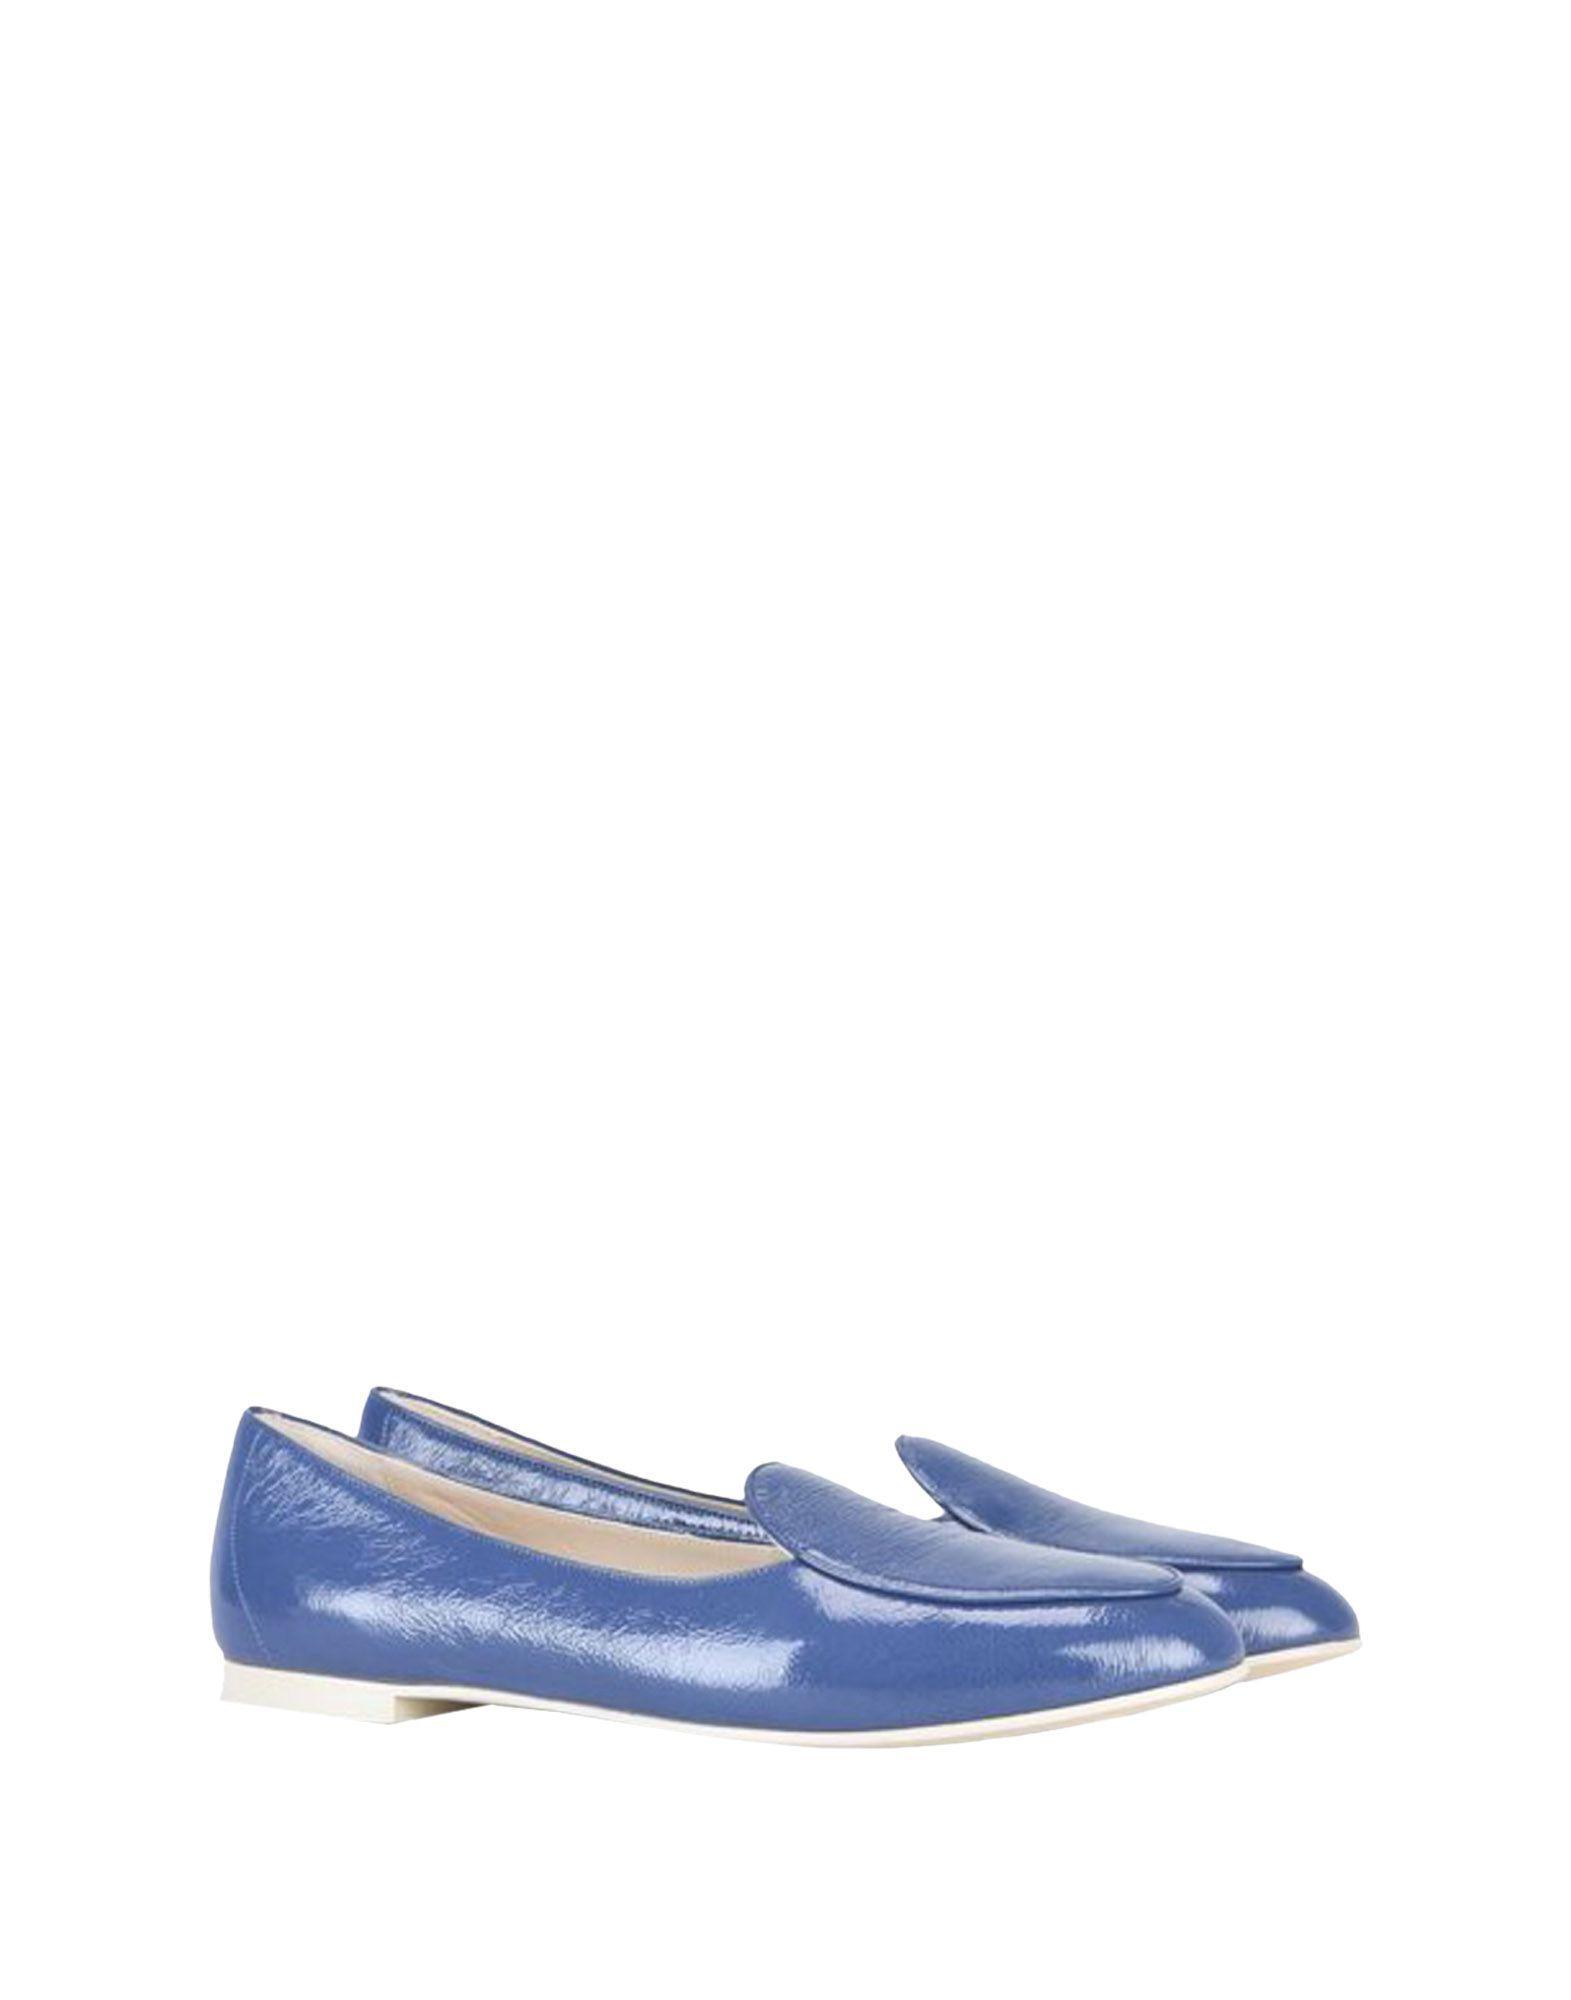 Giorgio Armani Loafers In Blue